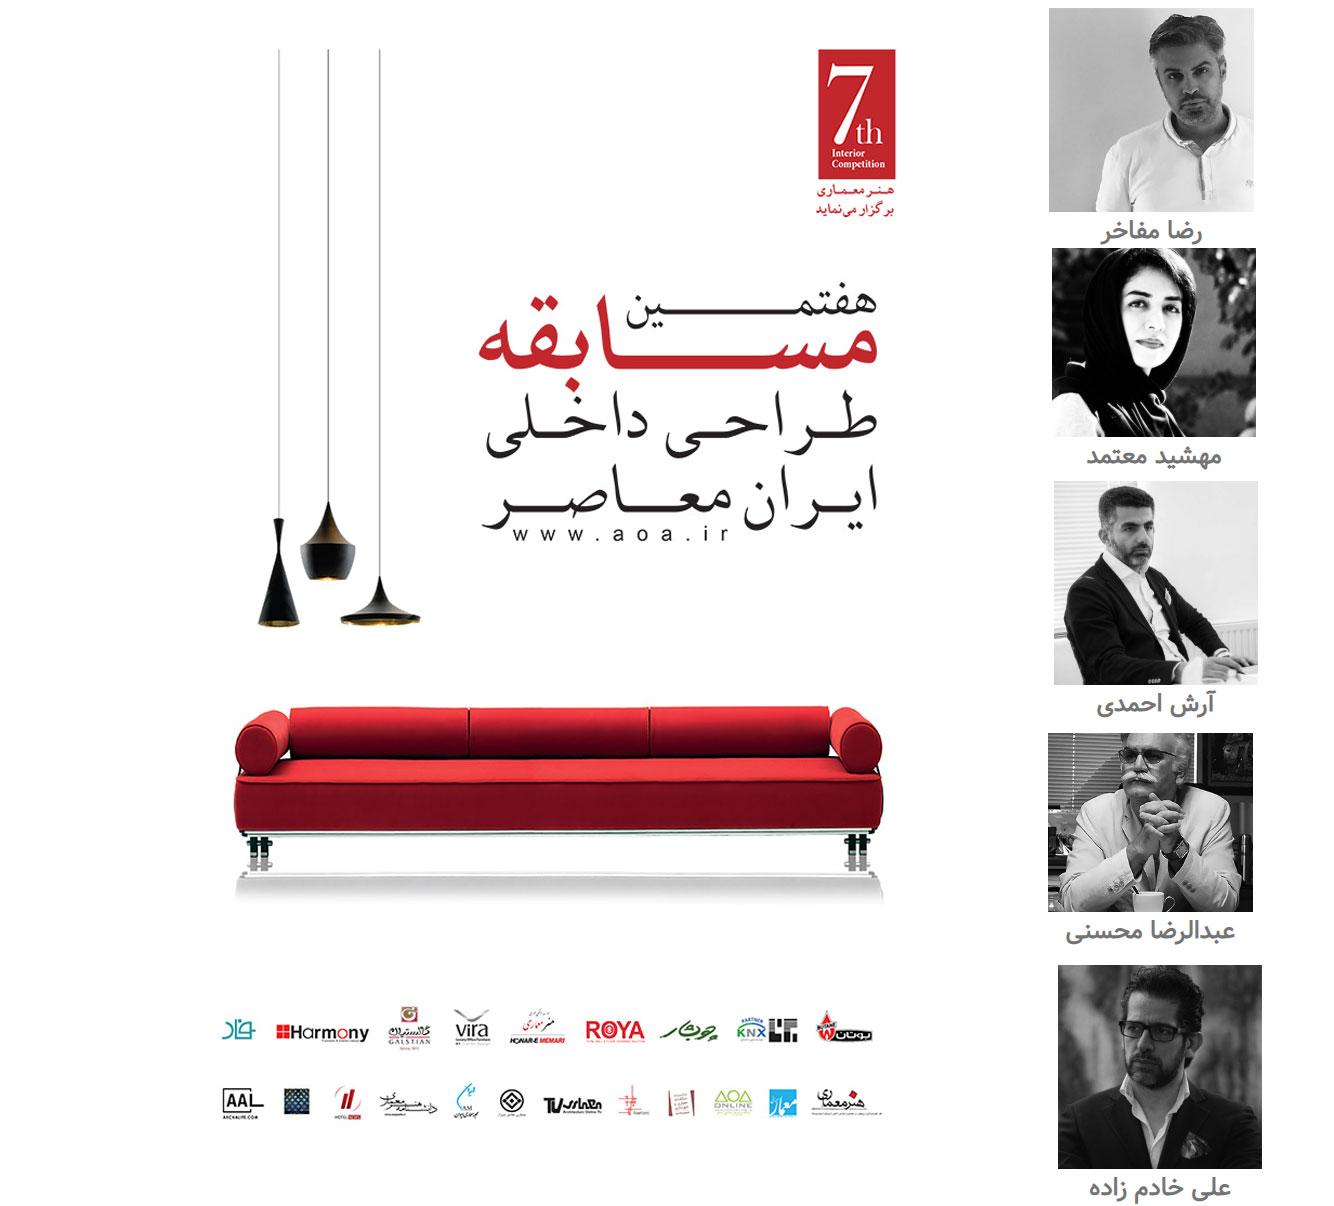 فراخوان هفتمین مسابقه طراحی داخلی ایران معاصر